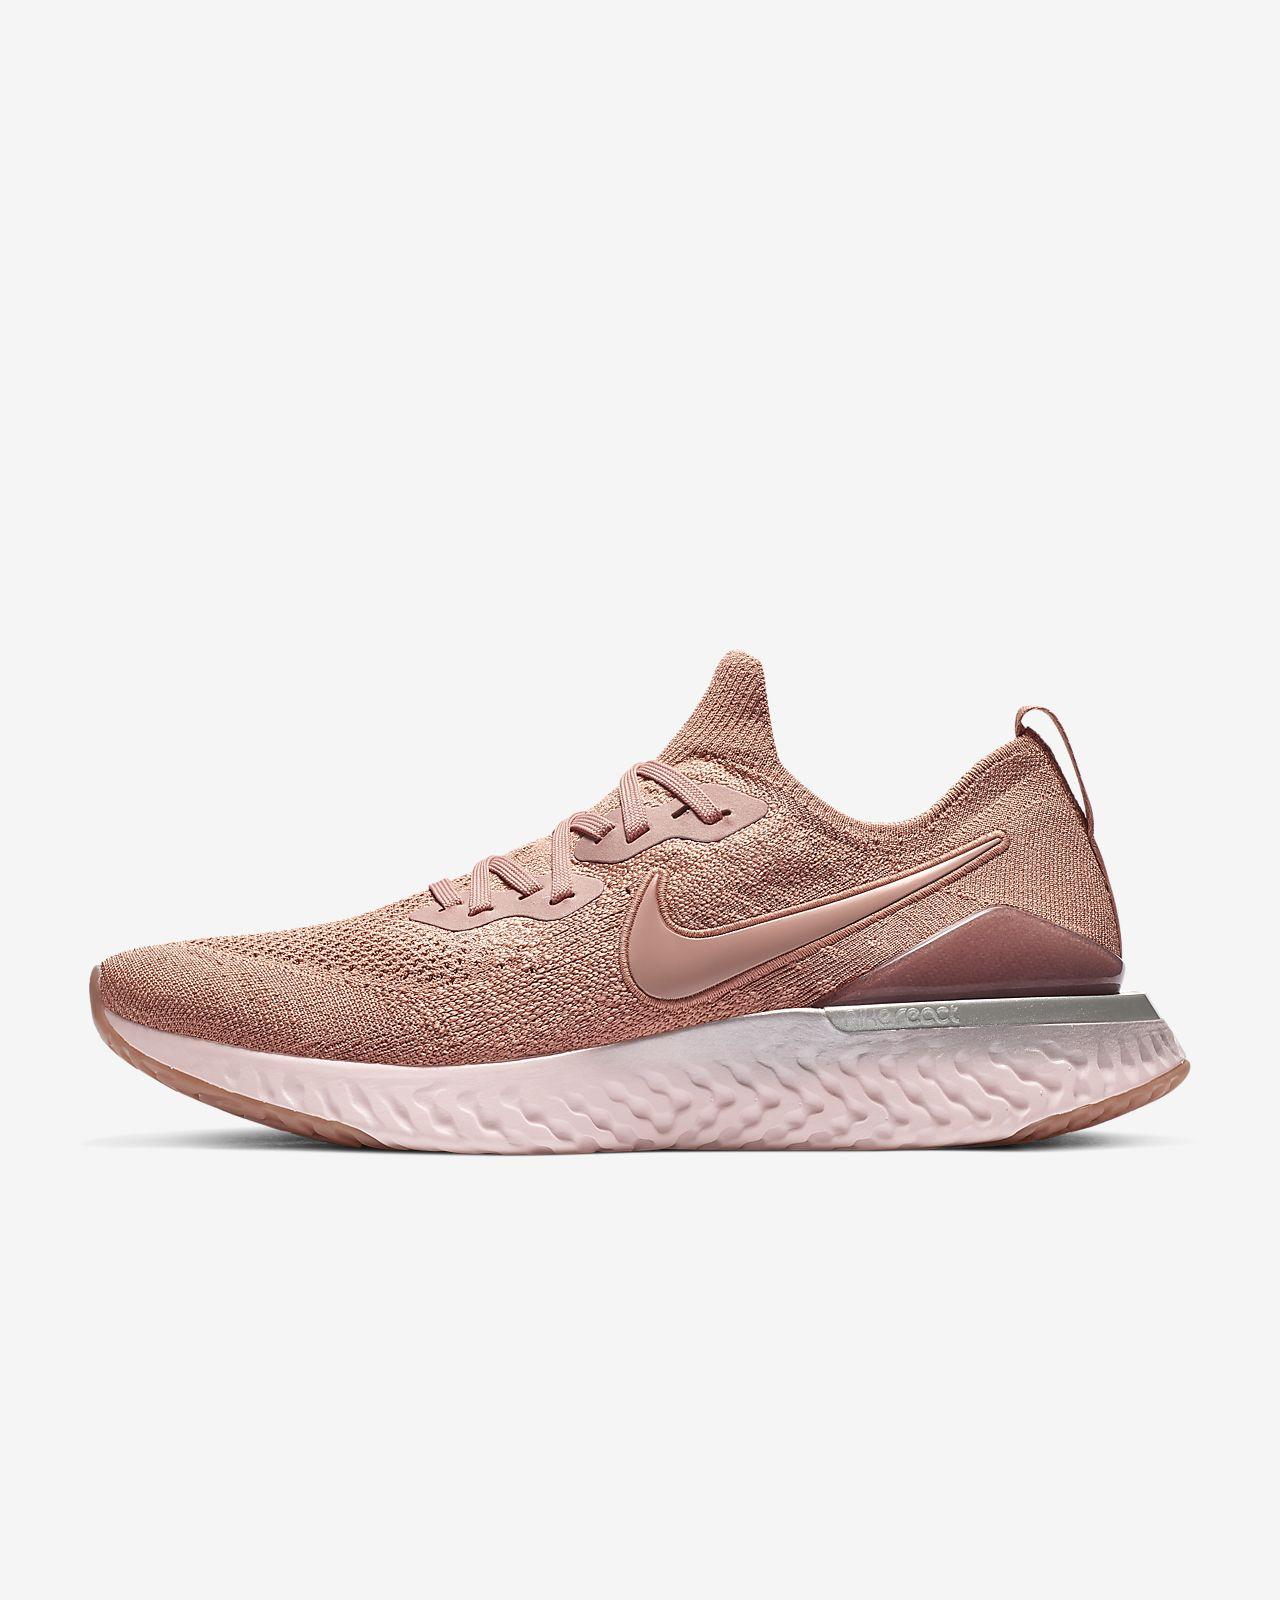 d91fd31832353f Nike Epic React Flyknit 2 Men s Running Shoe. Nike.com LU